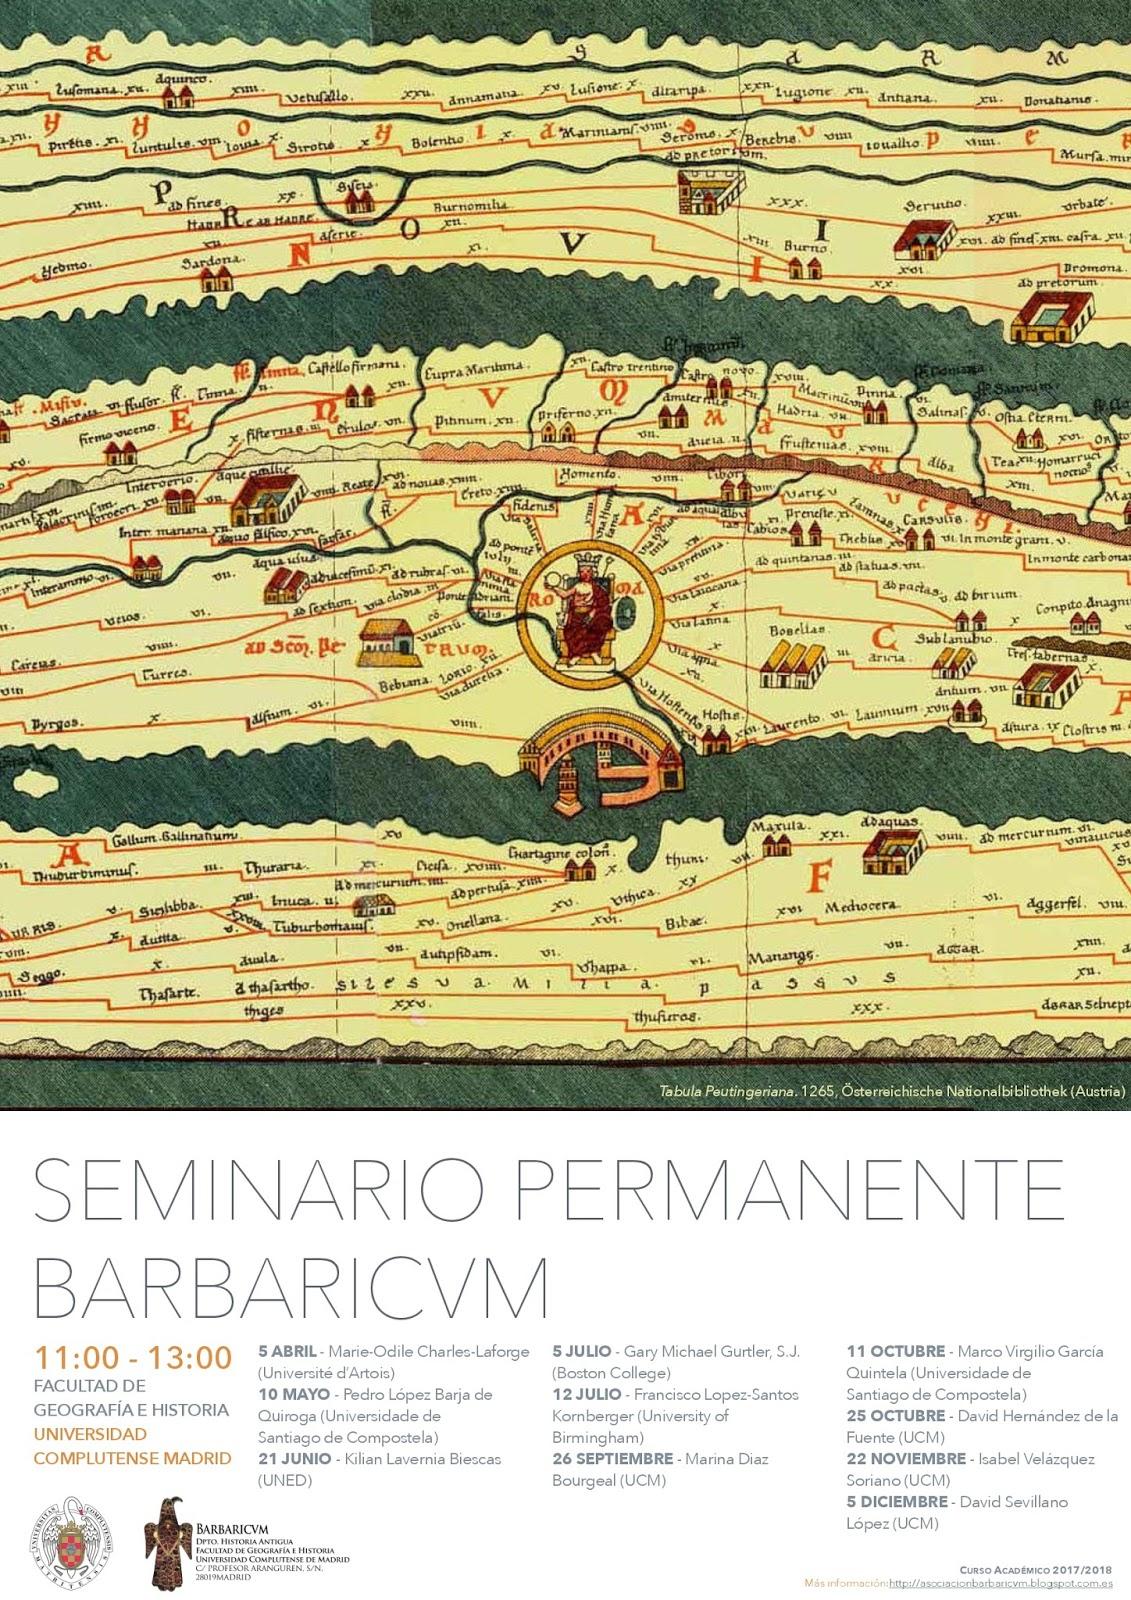 Asociación Barbaricvm: NUEVA ACTIVIDAD: Seminario Permanente Barbaricum